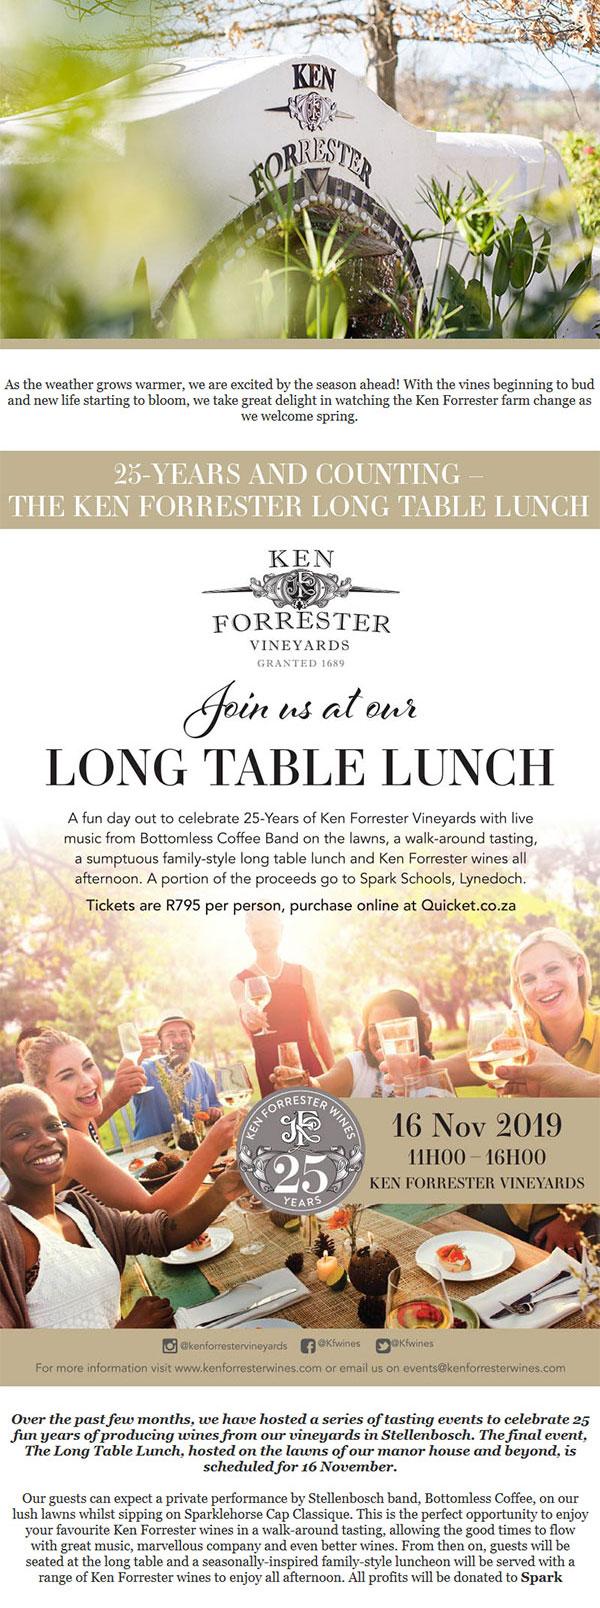 Ken Forrester newsletter